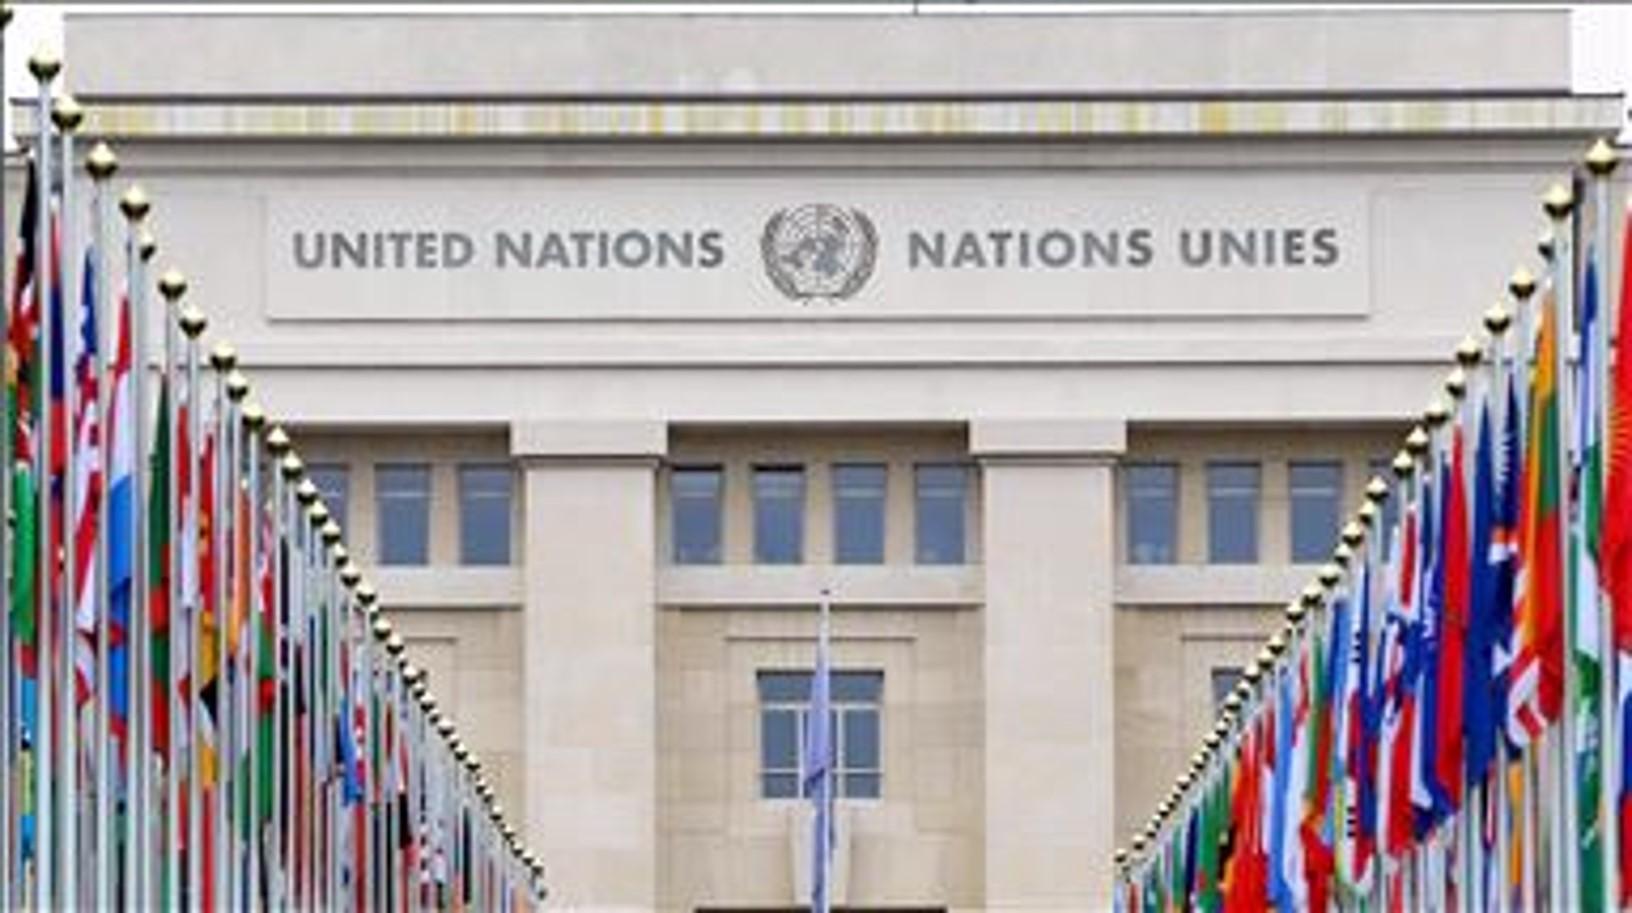 Plan de respuesta humanitaria contra el coronavirus: La ONU necesita urgentemente 350 millones de dólares